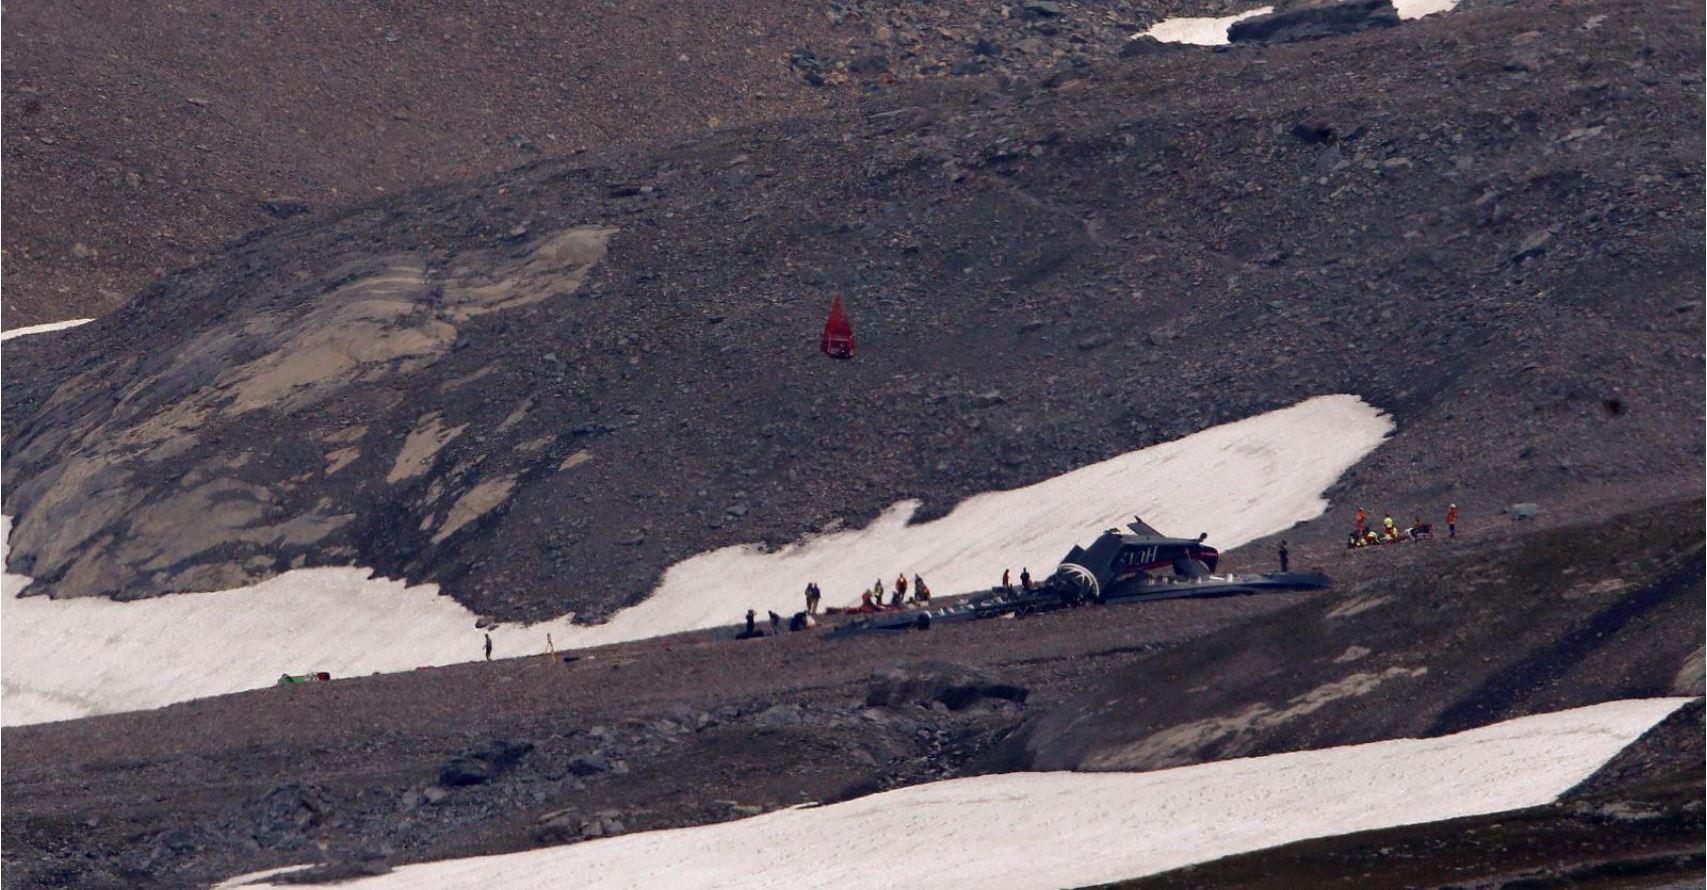 В Альпах разбился самолет с 20 пассажирами на борту, все они погибли— Reuters